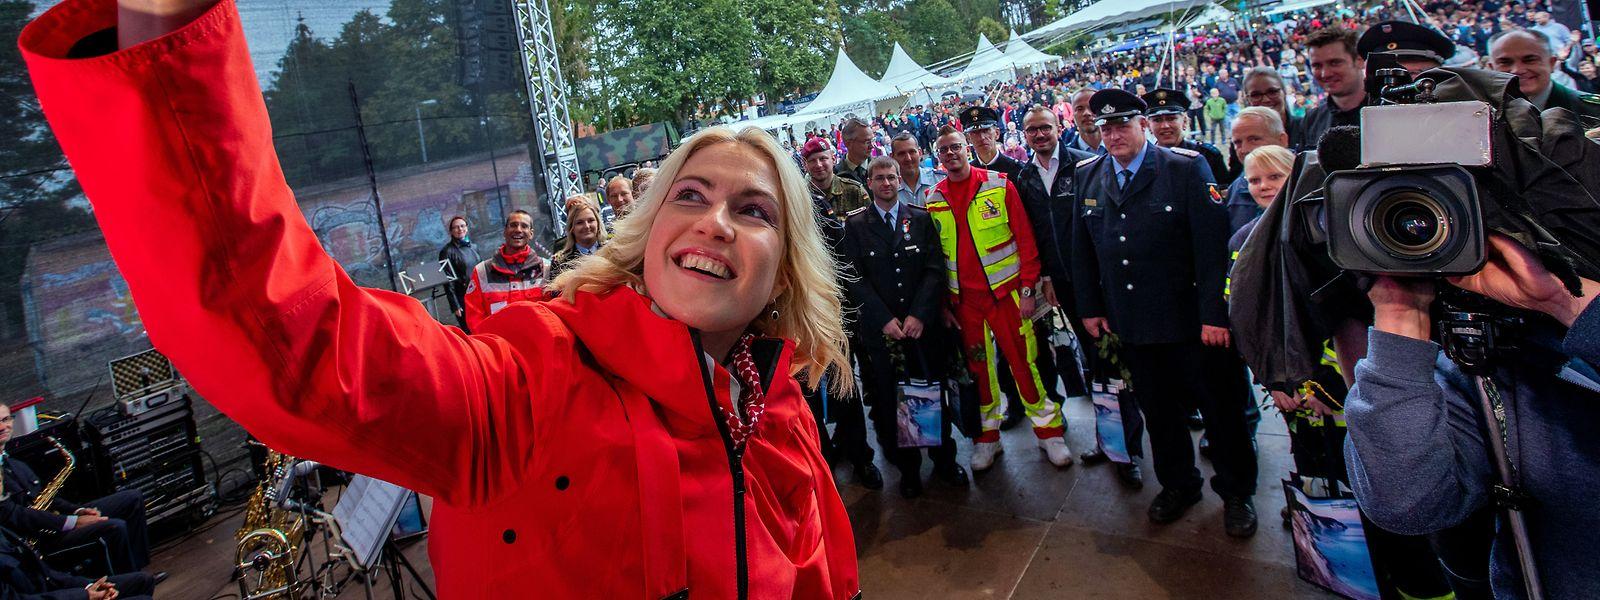 Manuela Schwesig bei einer Feier für die ehrenamtlichen Helfer bei einem Waldbrand in Mecklenburg-Vorpommern.